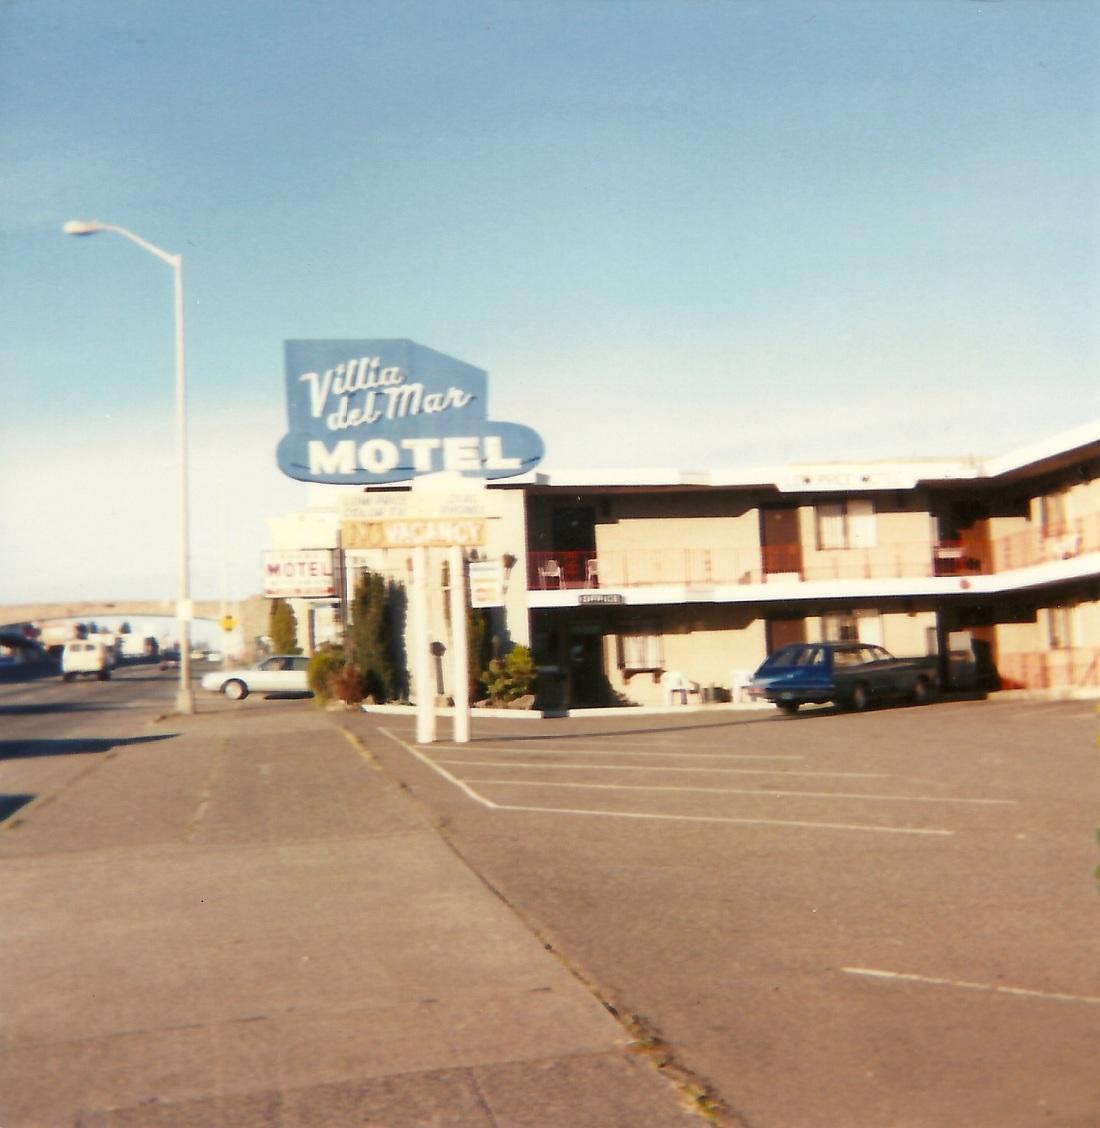 'Villia del Mar Motel'